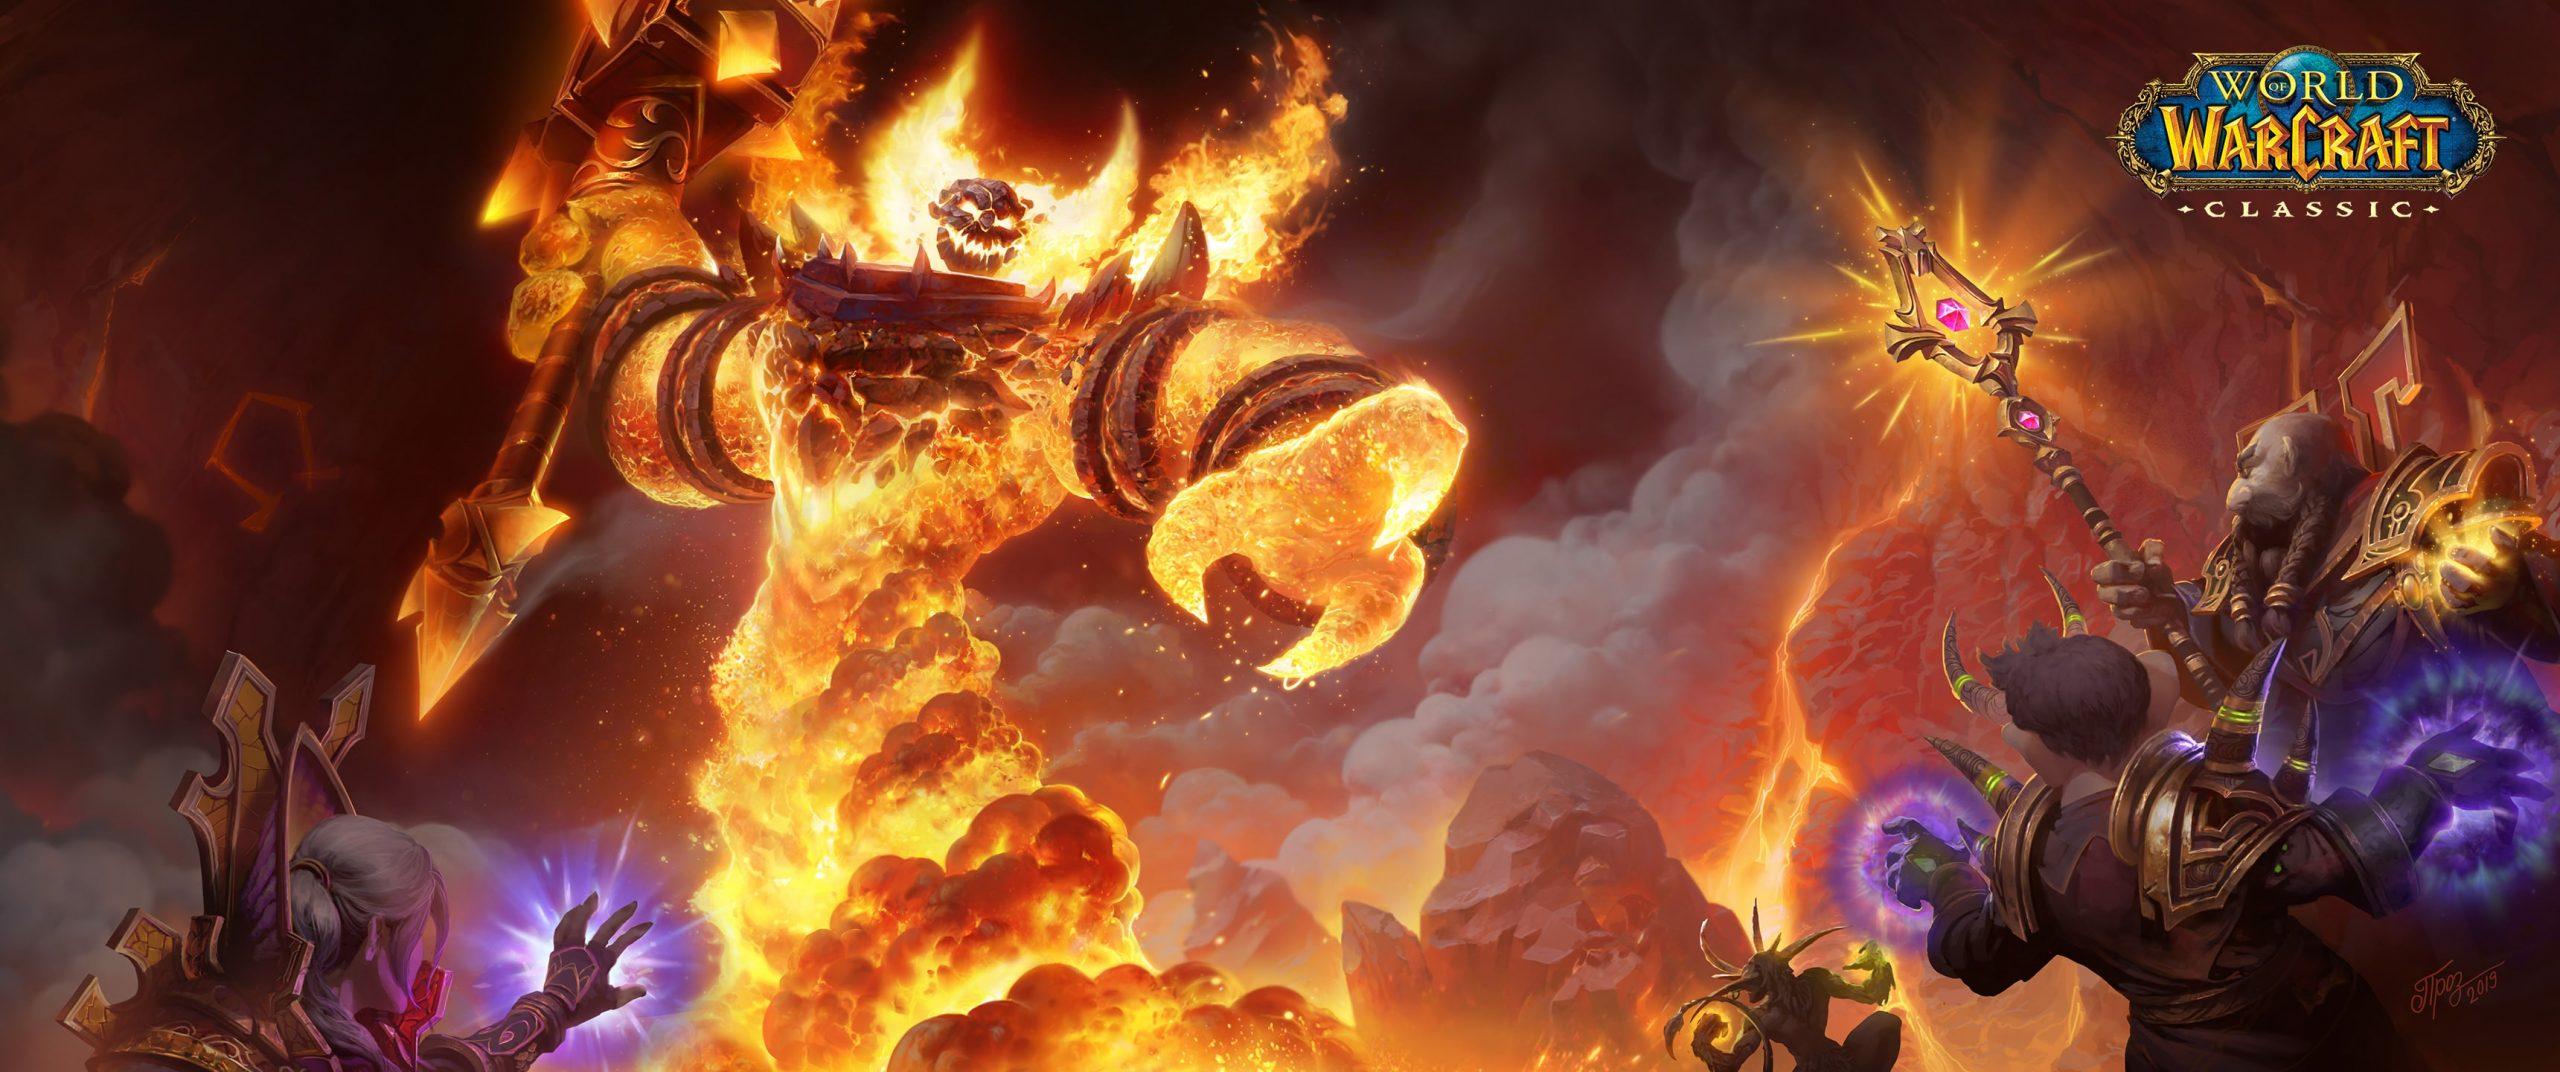 World of Warcraft filma estreinatu baino astebete lehenago: joko garatzaileekin hitz egiten ari gara